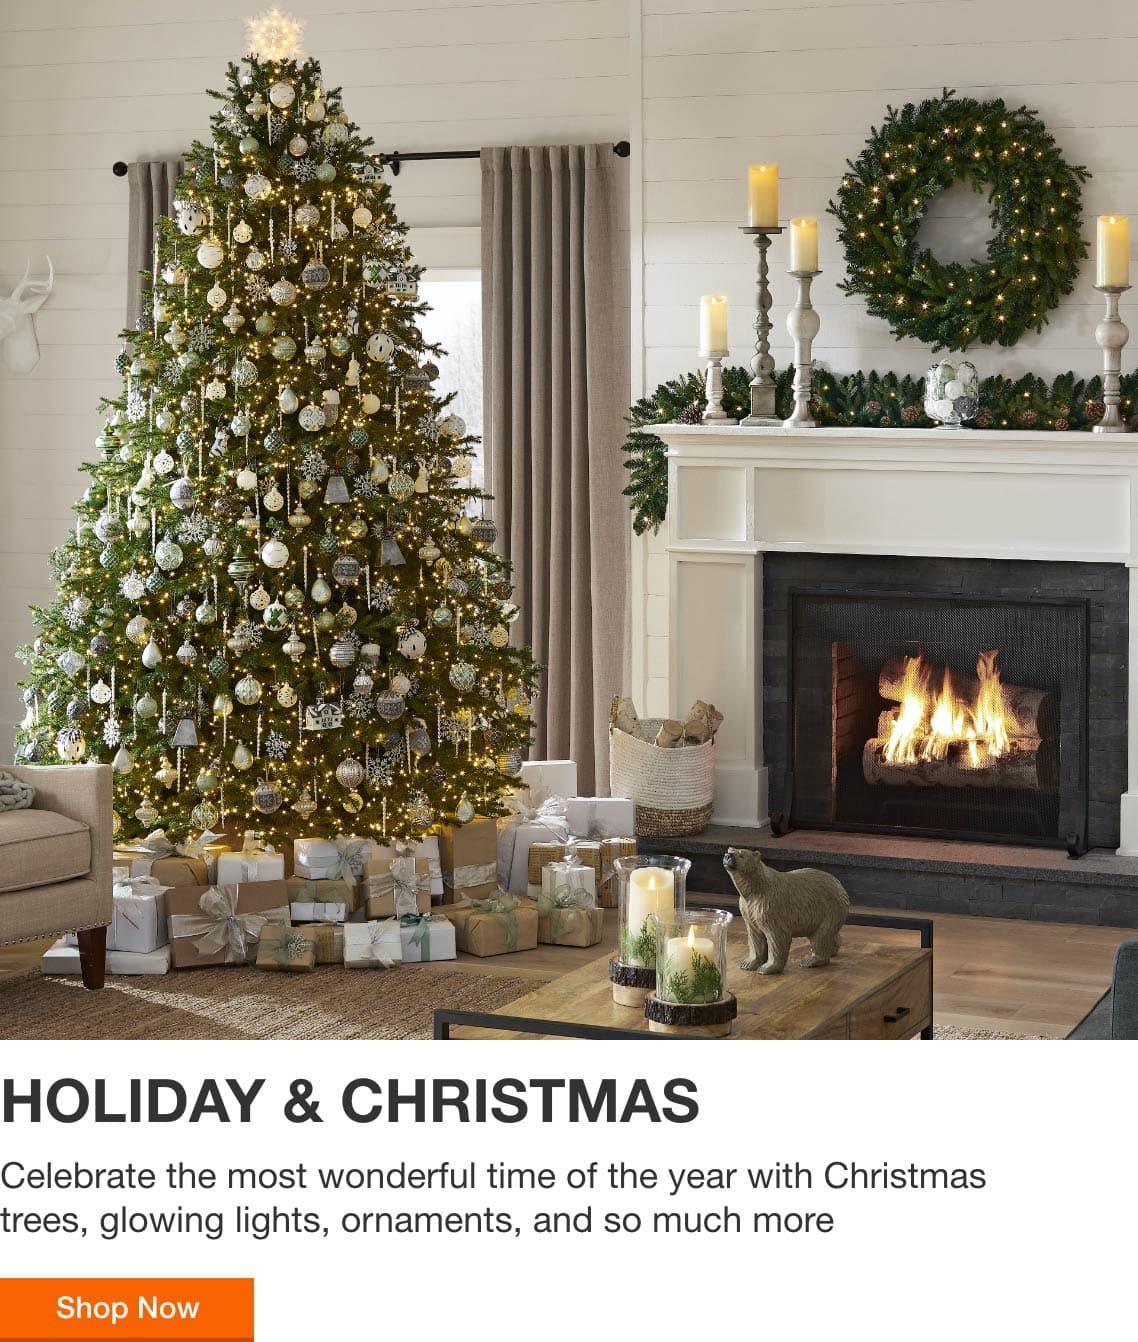 Holiday & Christmas